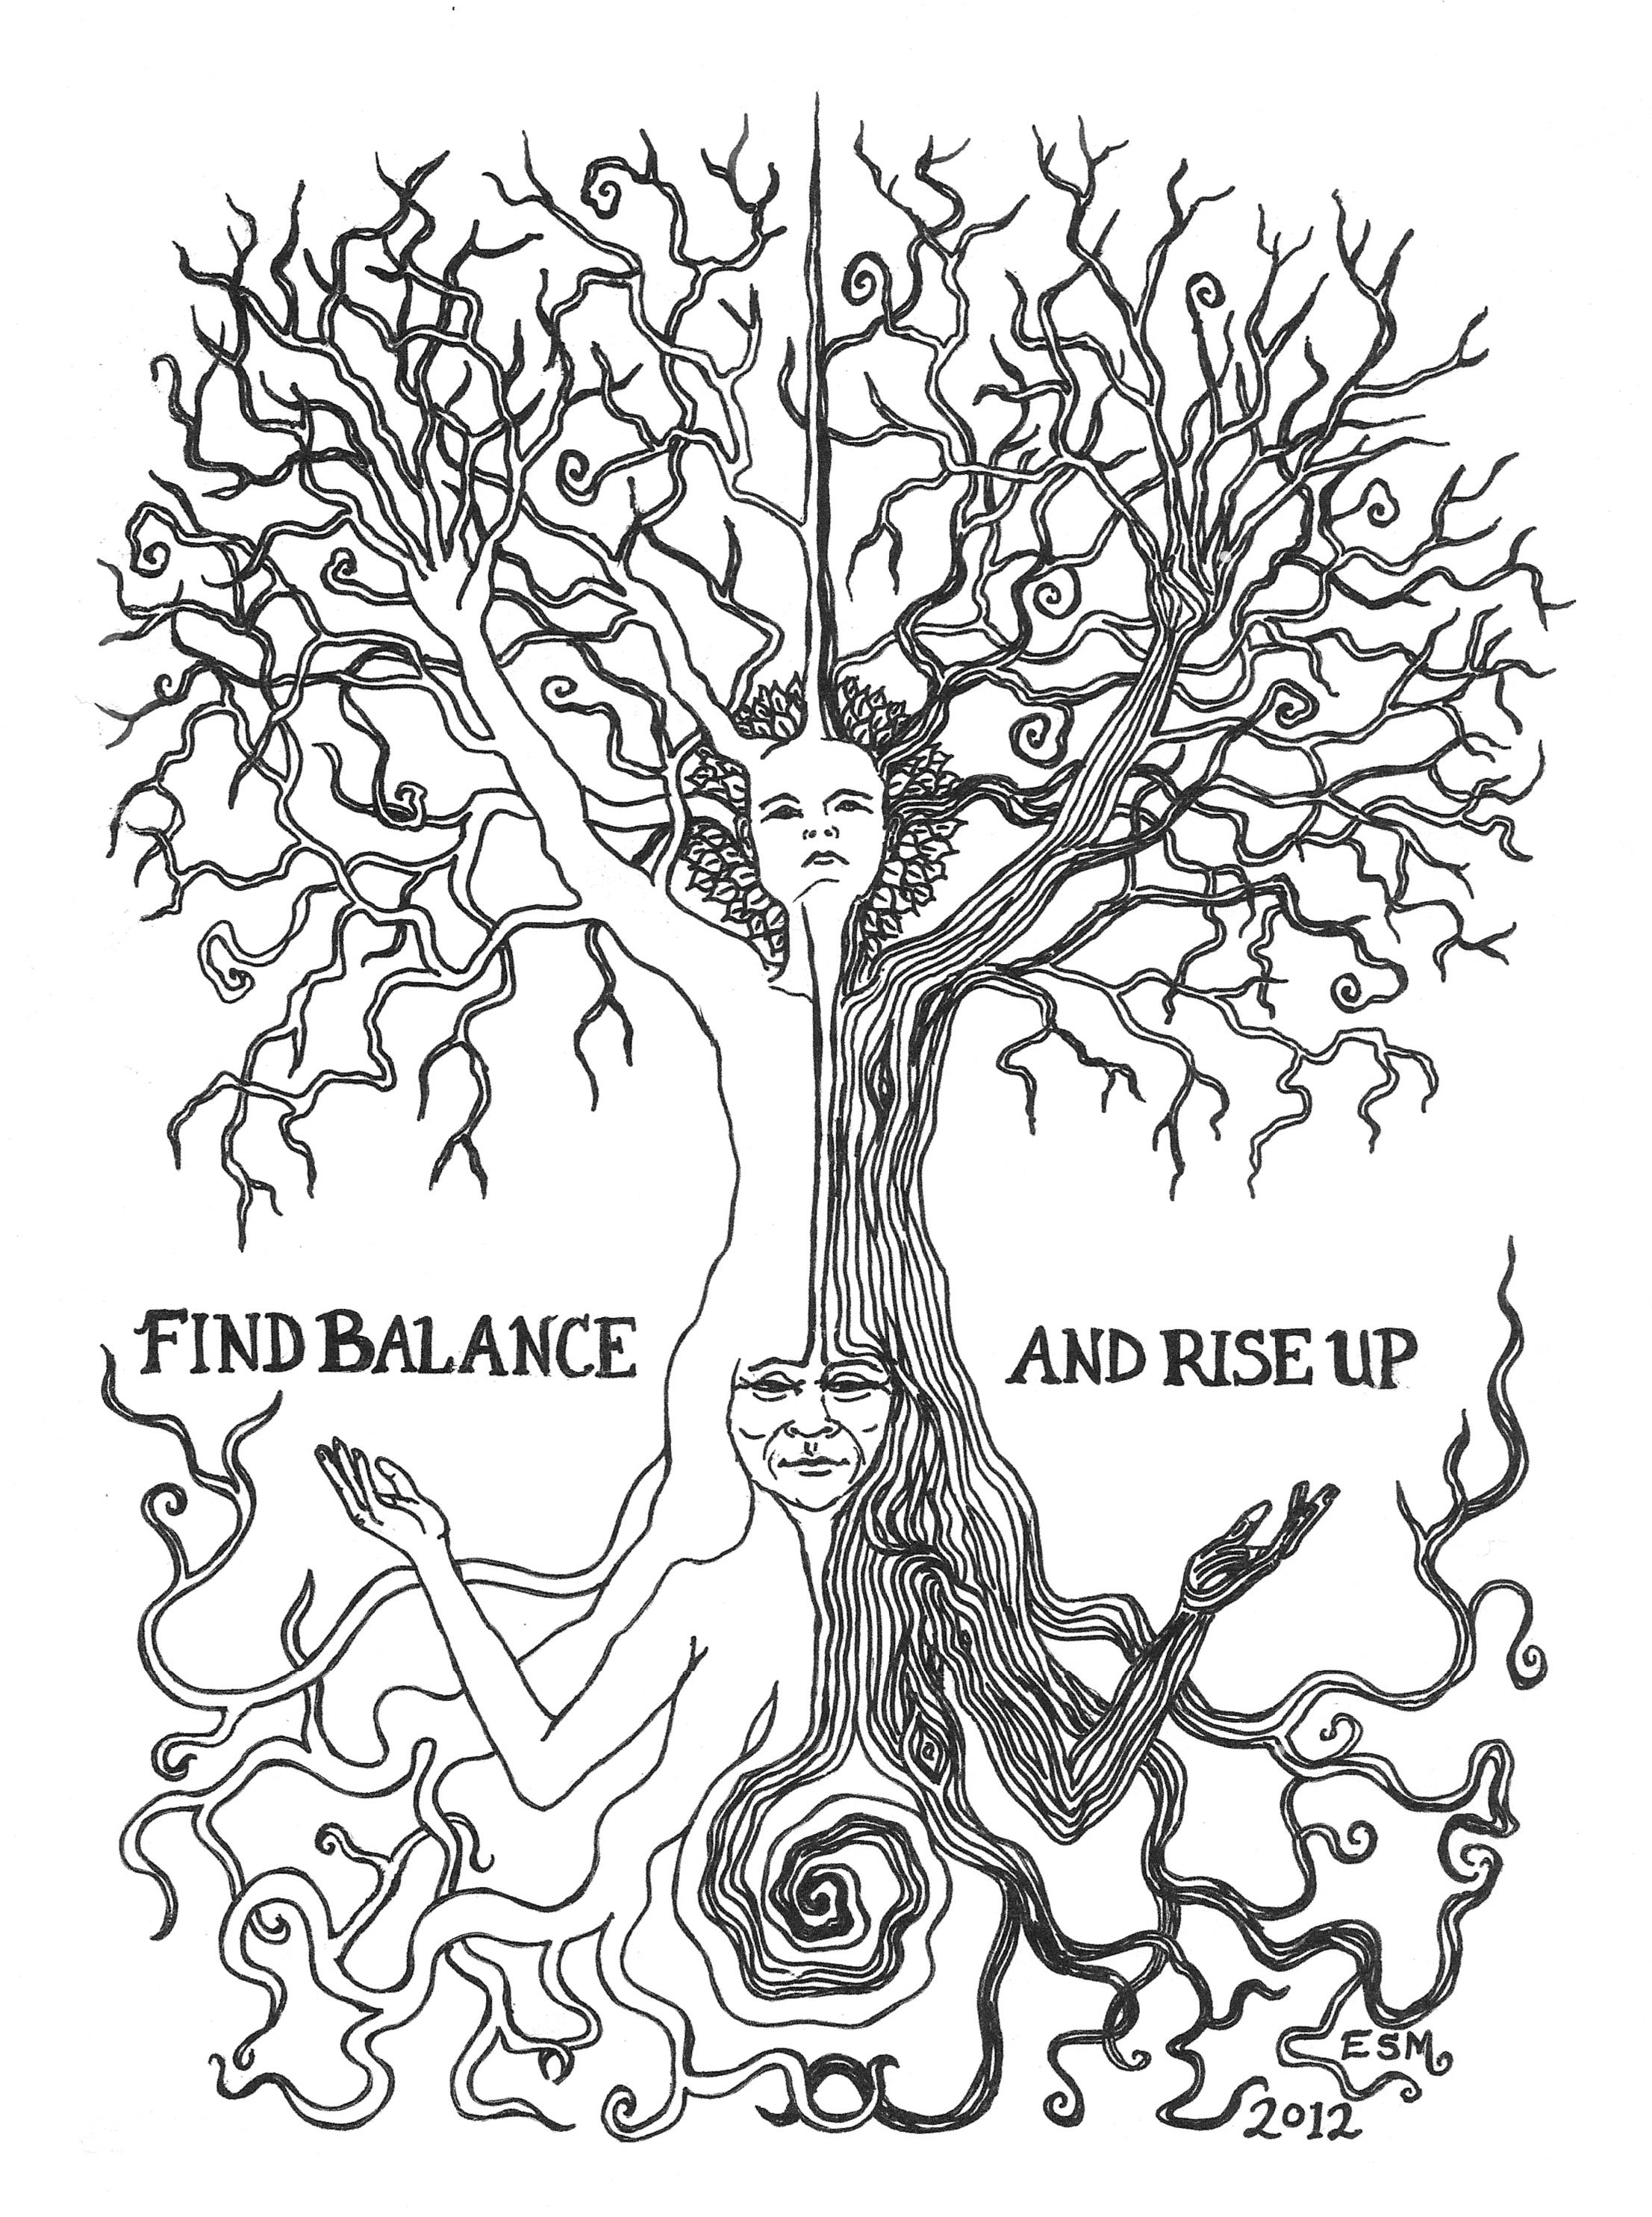 find balance cleaner_EM.jpg